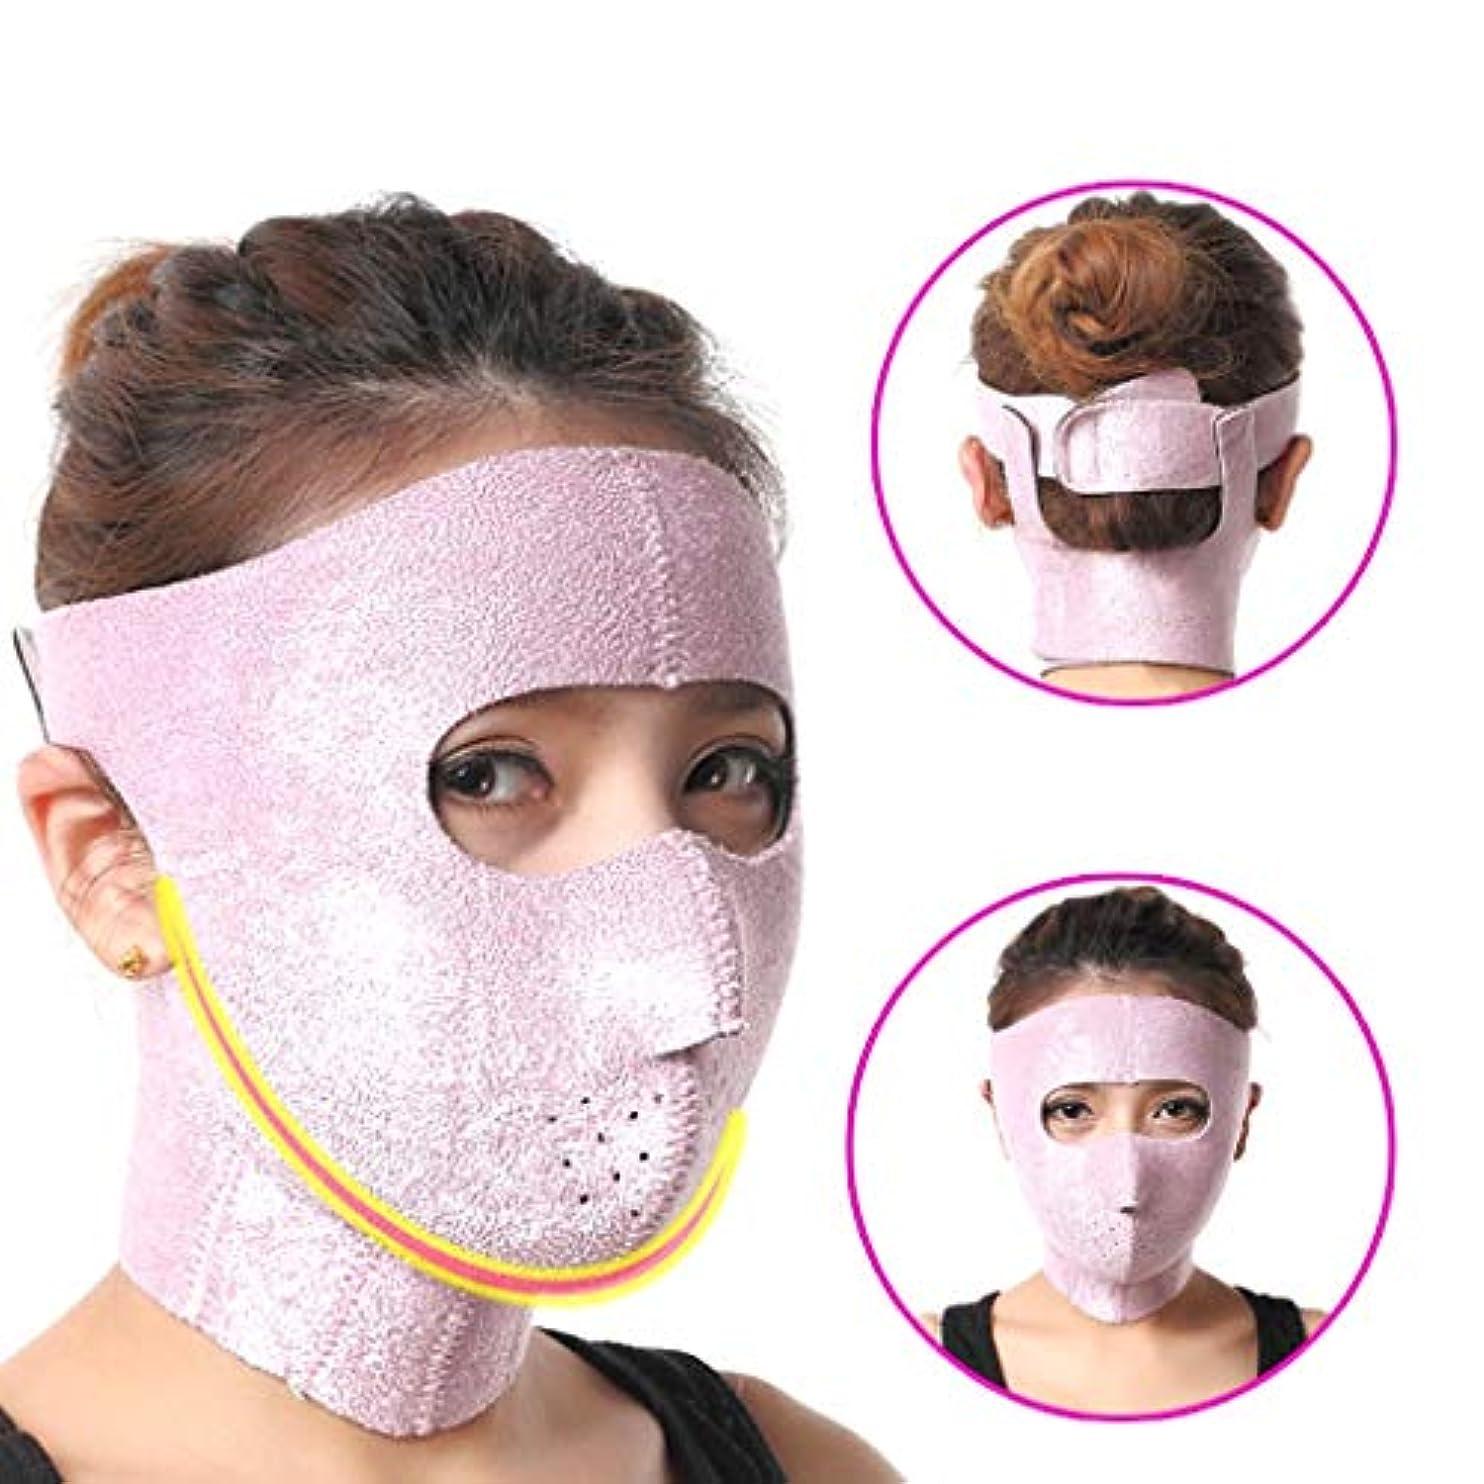 服を洗うラオス人計算薄いあご修正ツール、顔リフティングマスク、リフティングファーミング、Vフェイシャルマスク、改良された咬筋二重あご、男性と女性の両方に適しています